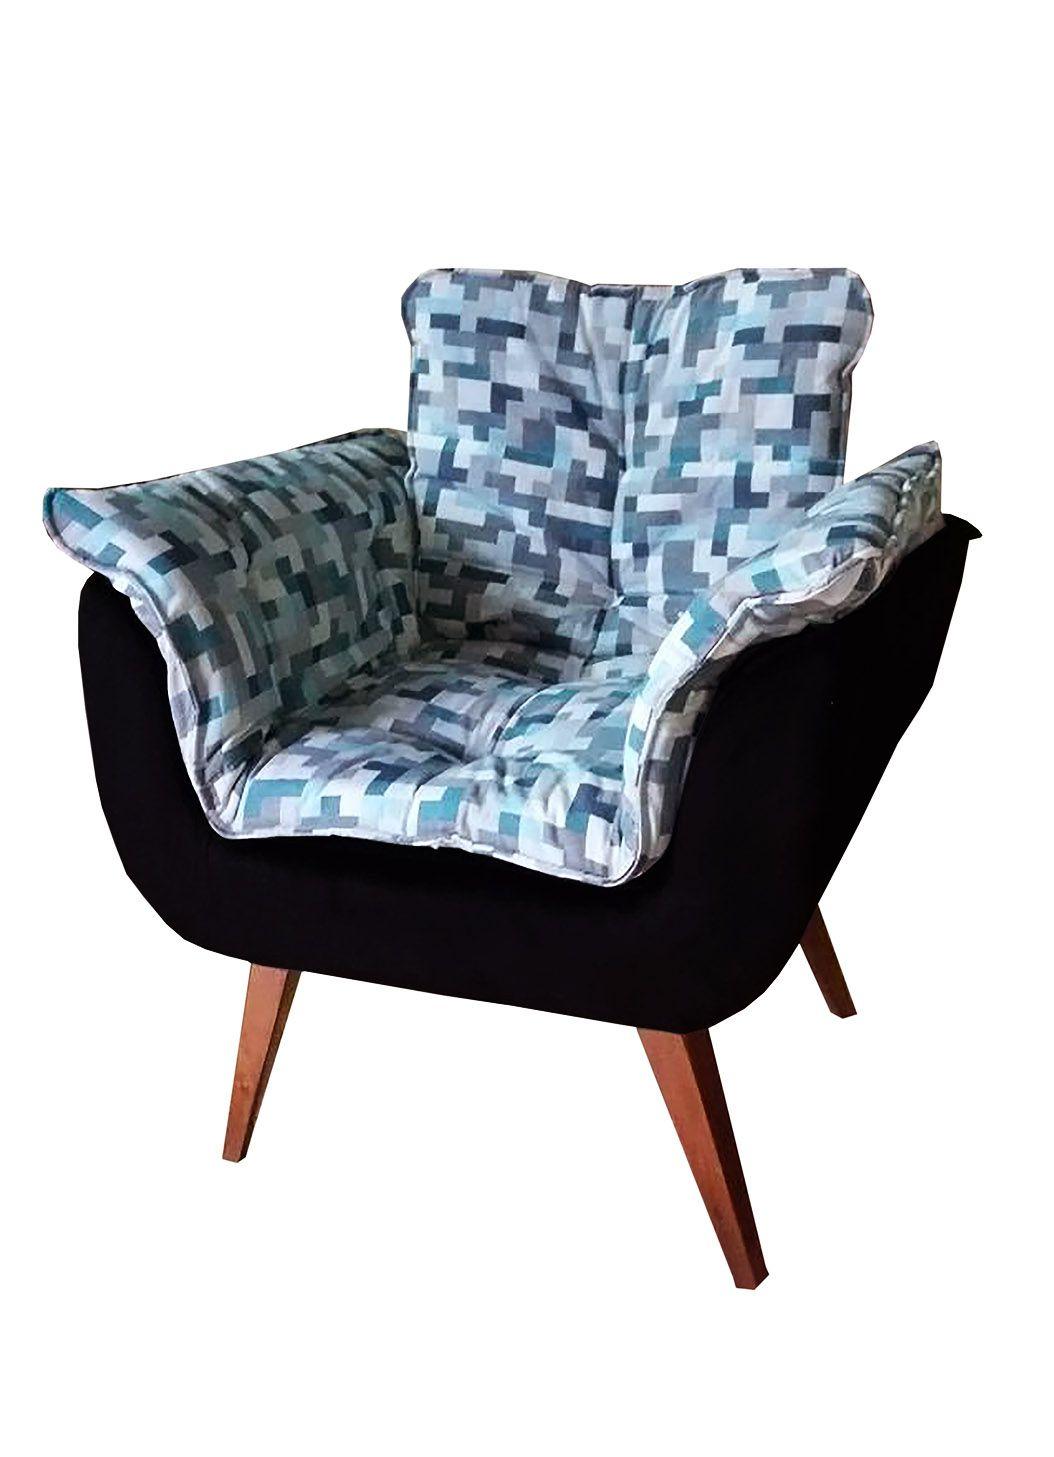 Poltrona Decorativa Opala Tecido Geométrico Azul com Preto Pés Palito Cor Imbuia - Casa dos Móveis Ubá